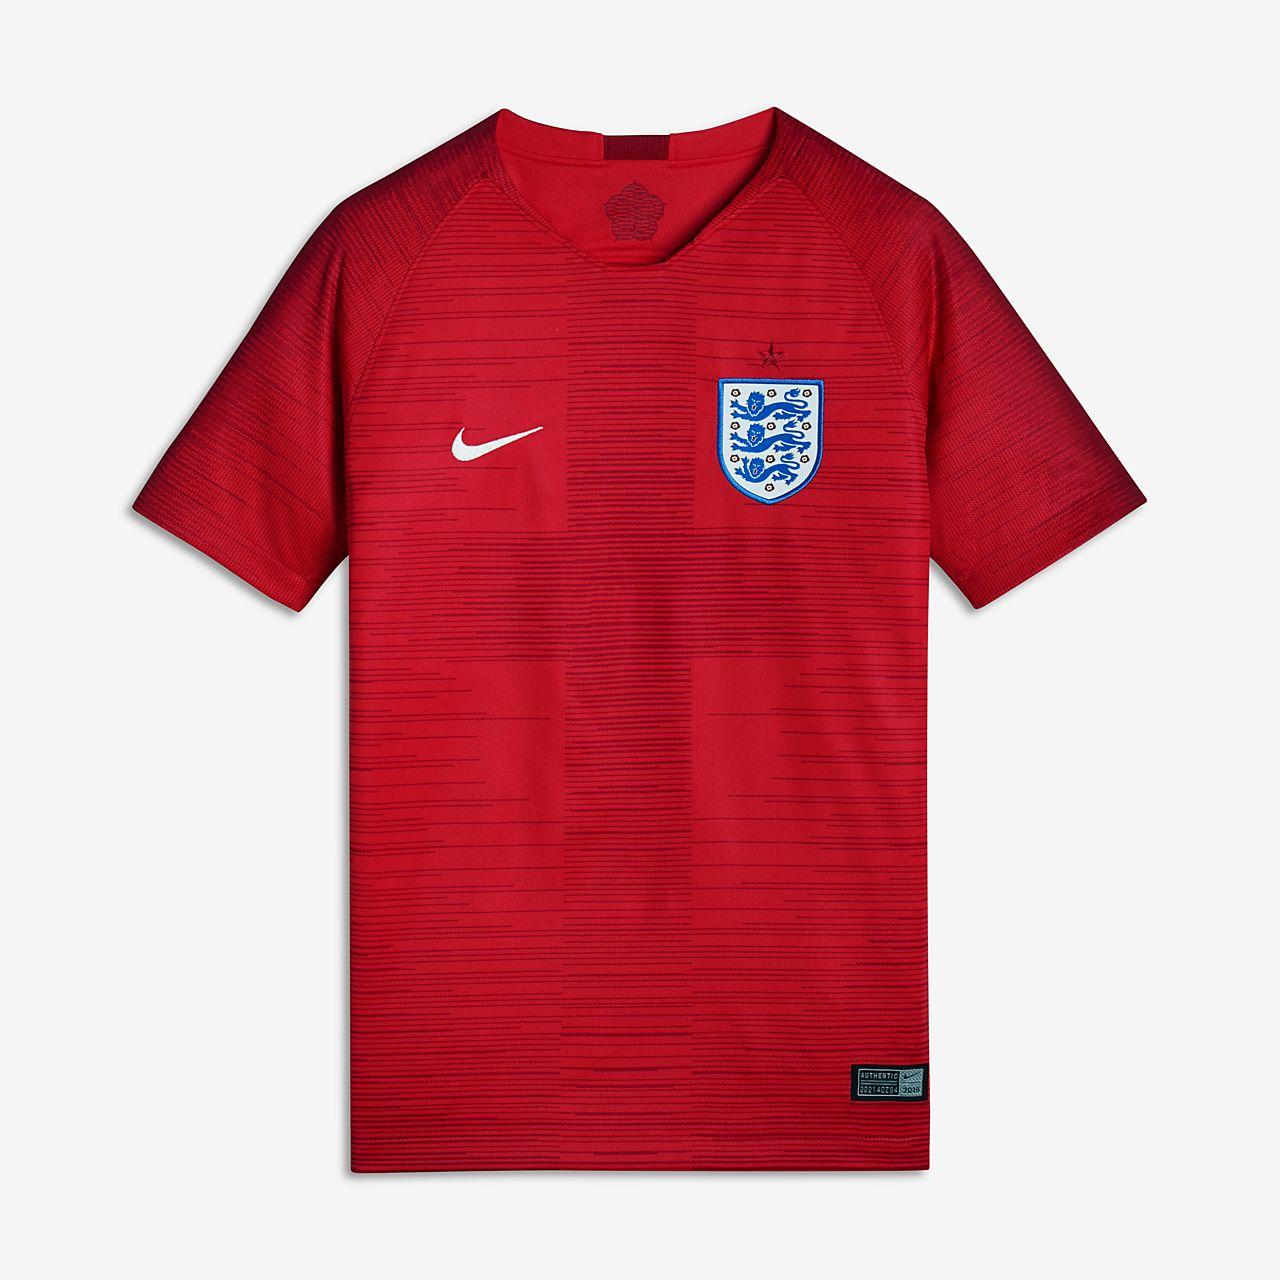 เสื้อแข่งฟุตบอลเด็กโต 2018 England Stadium Away